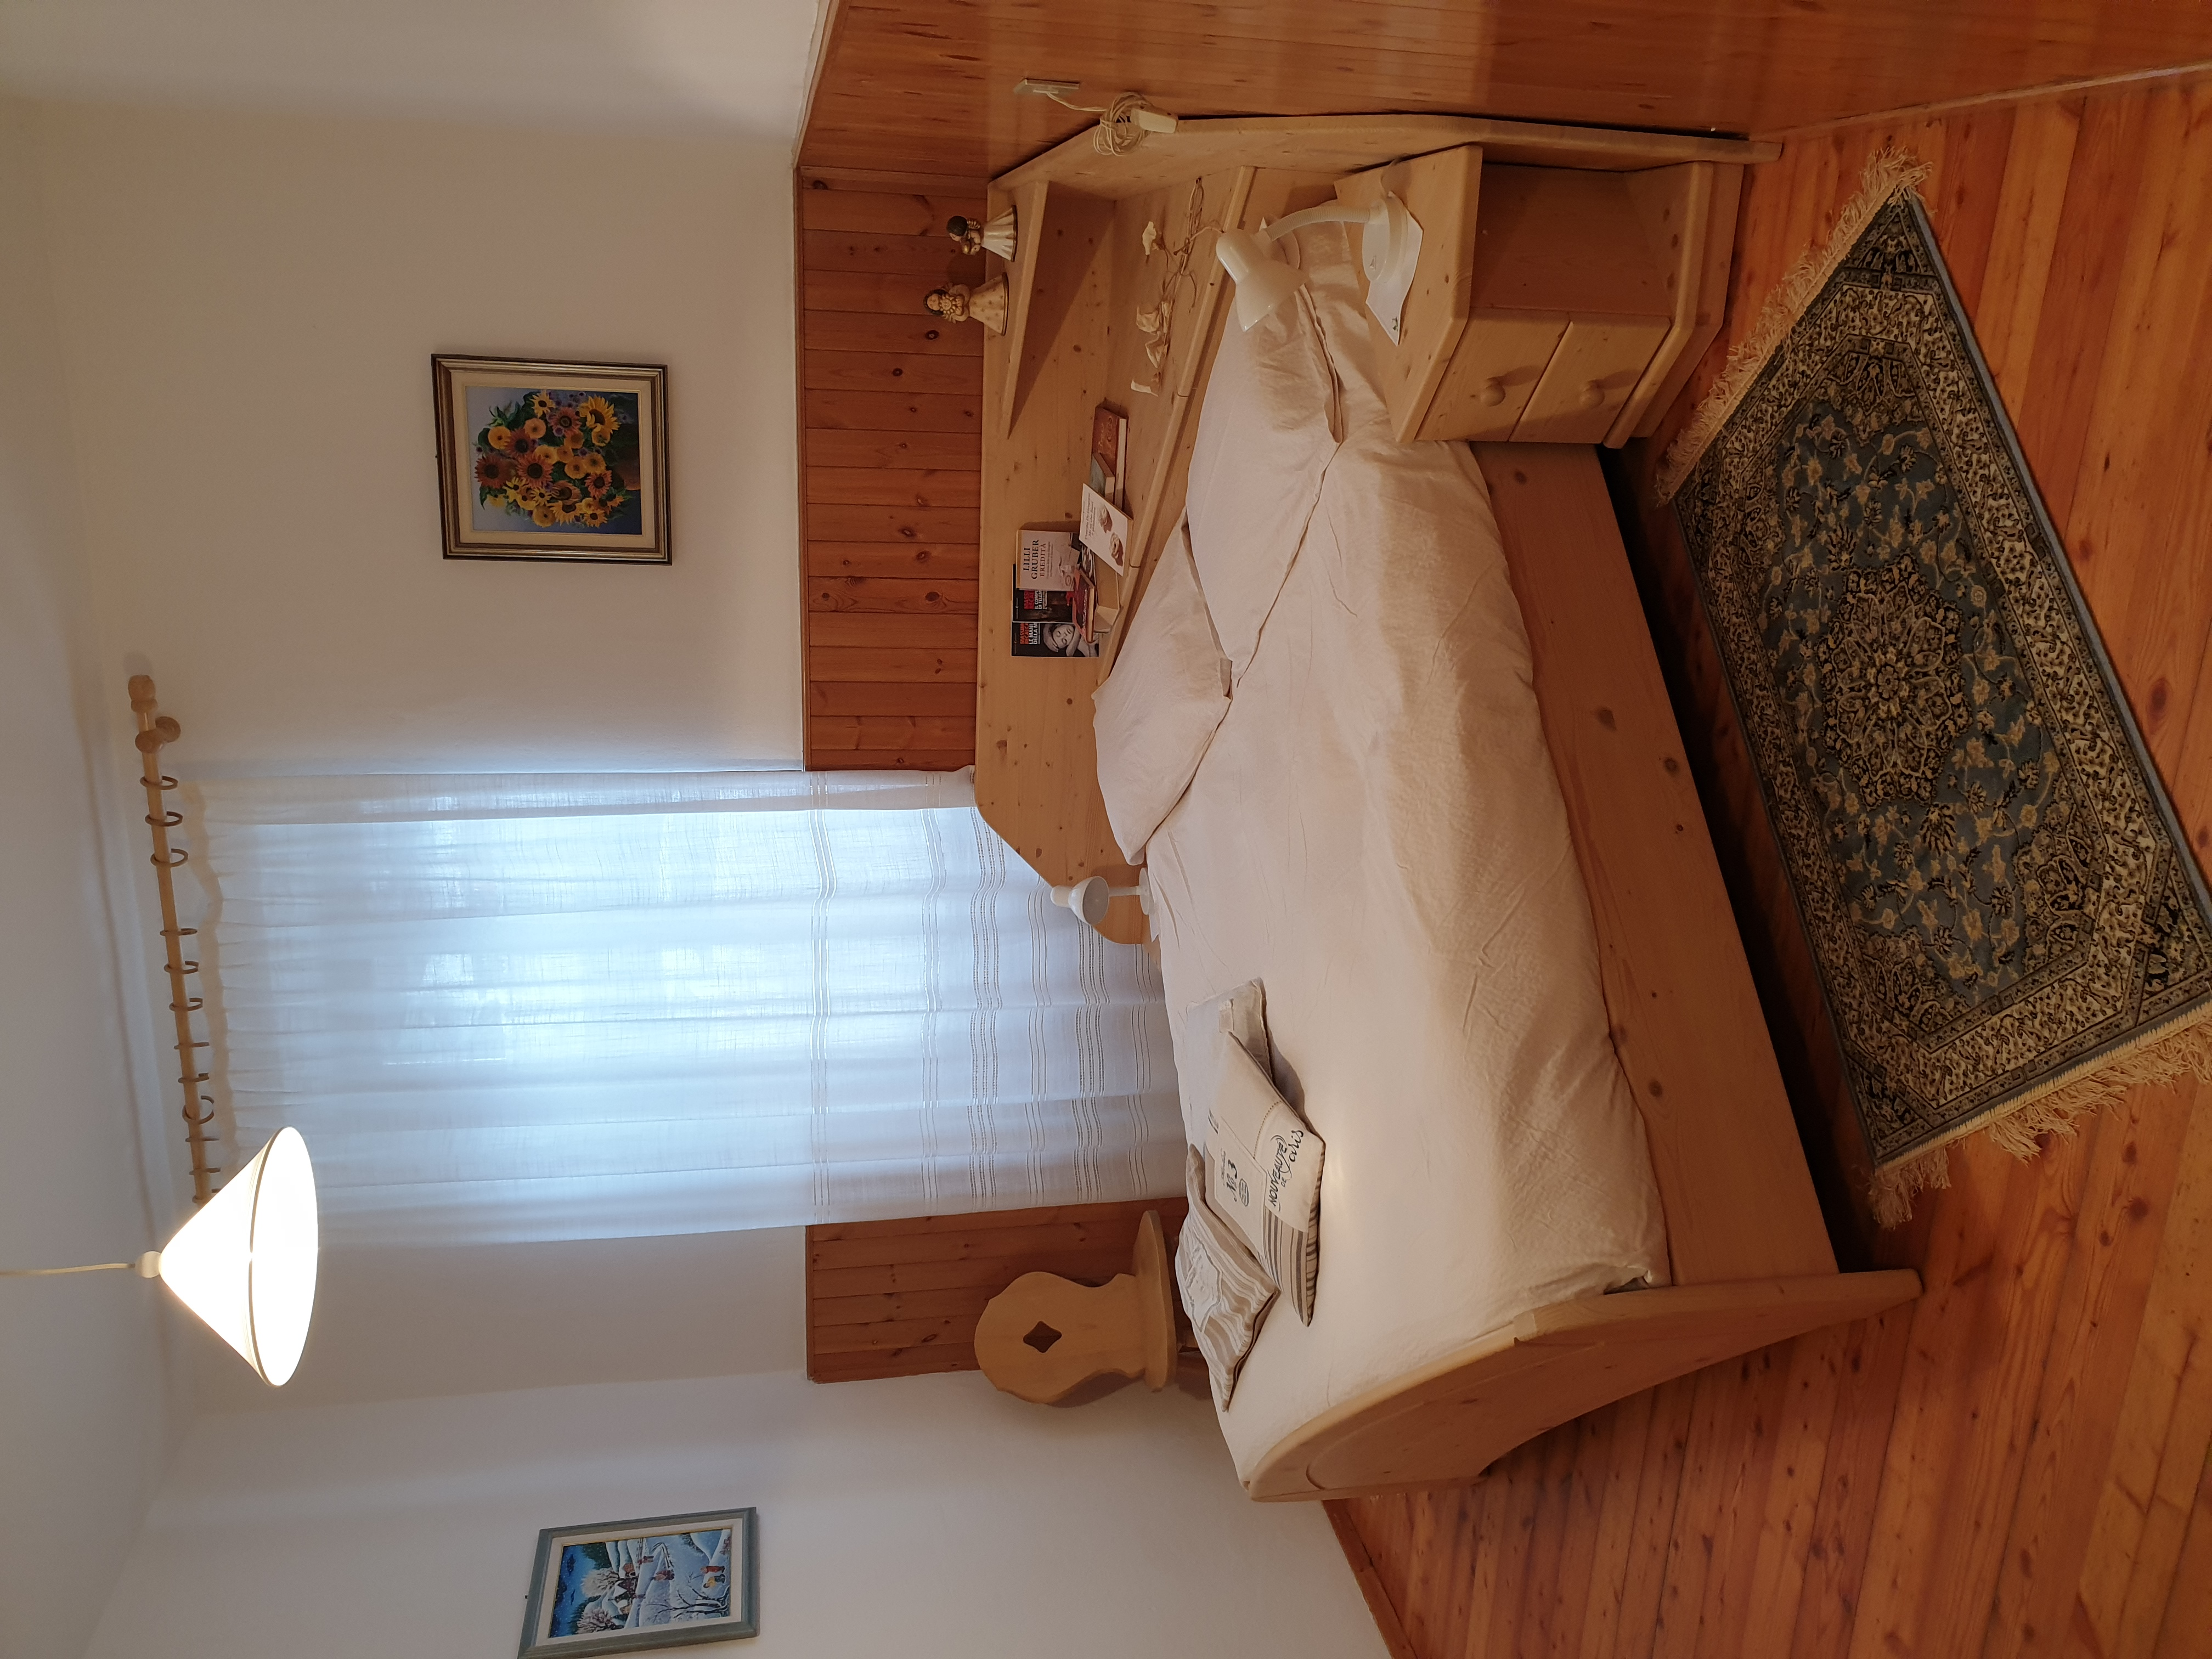 Mobili In Legno Massiccio Trentino bed & breakfast la betulla - bed and breakfasts for rent in